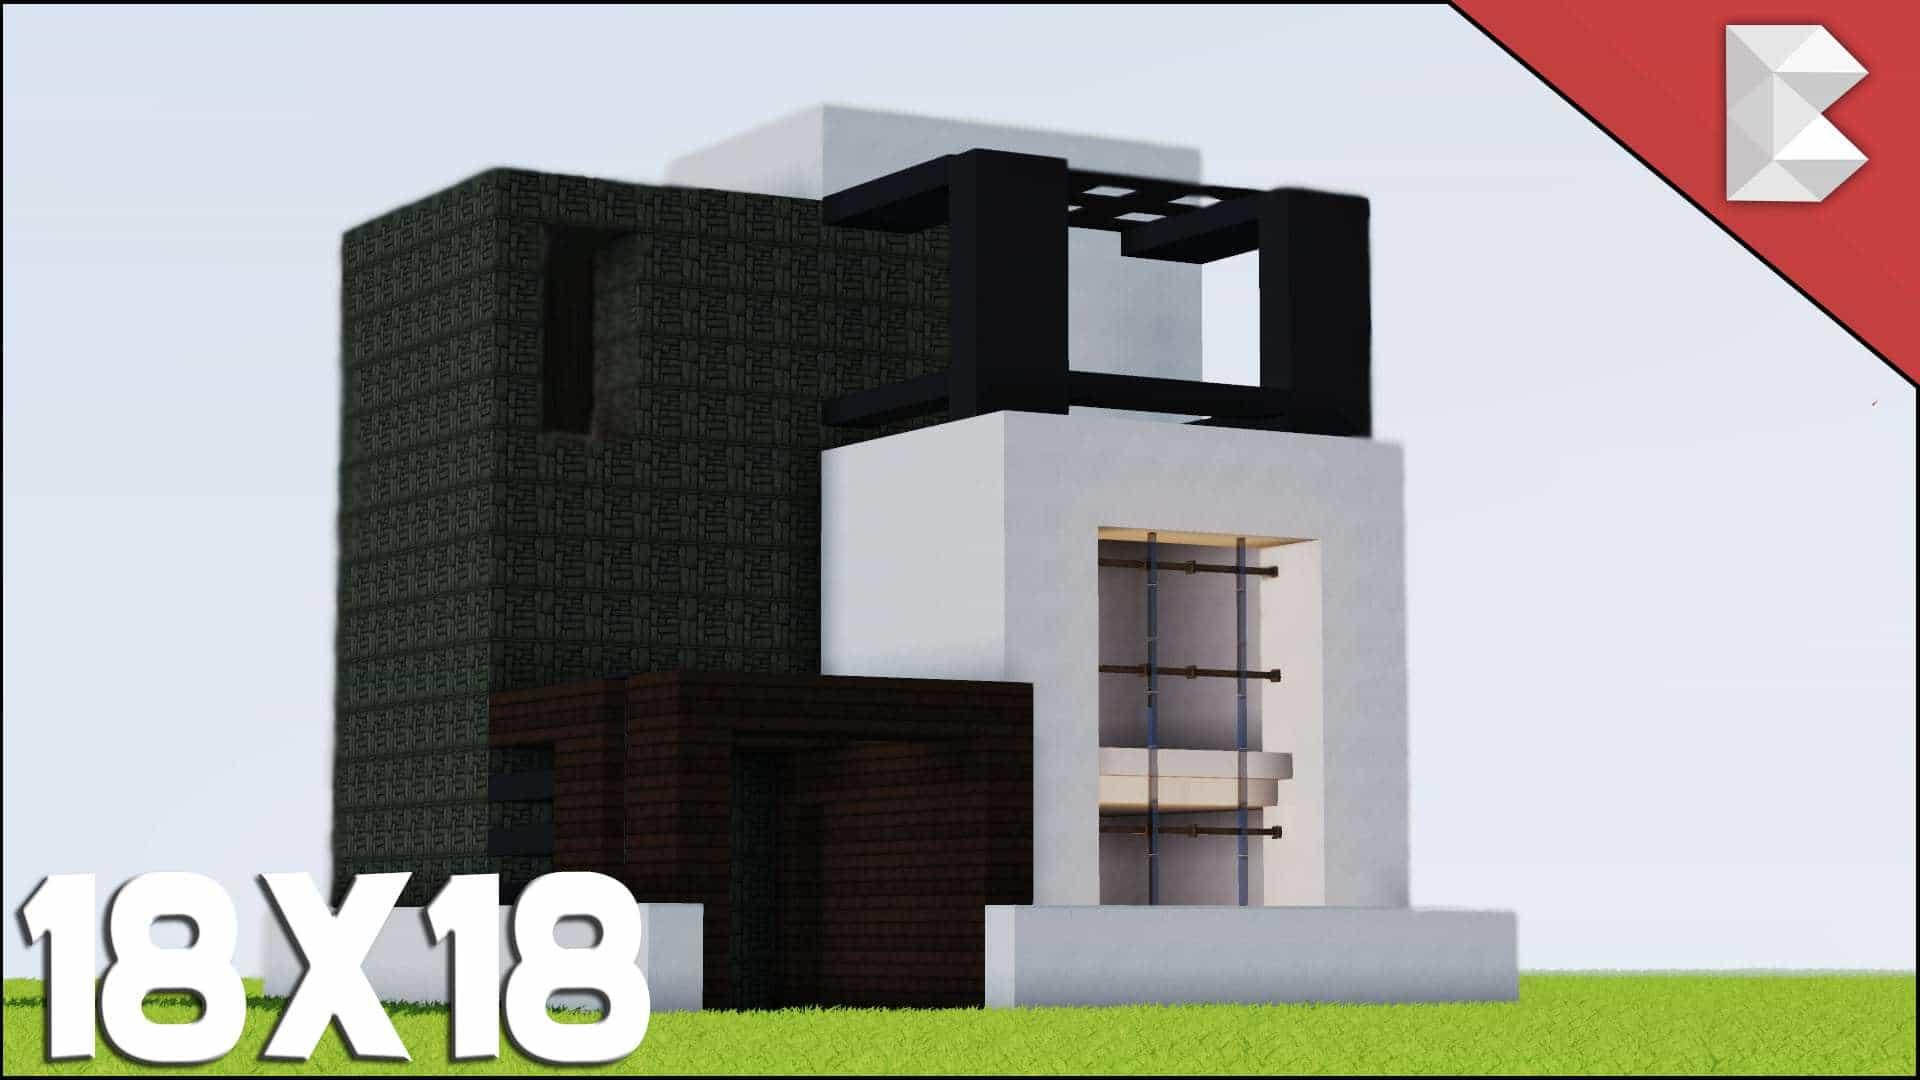 Minecraft: 1818 Modern House utorial Best Small Modern House ... - ^